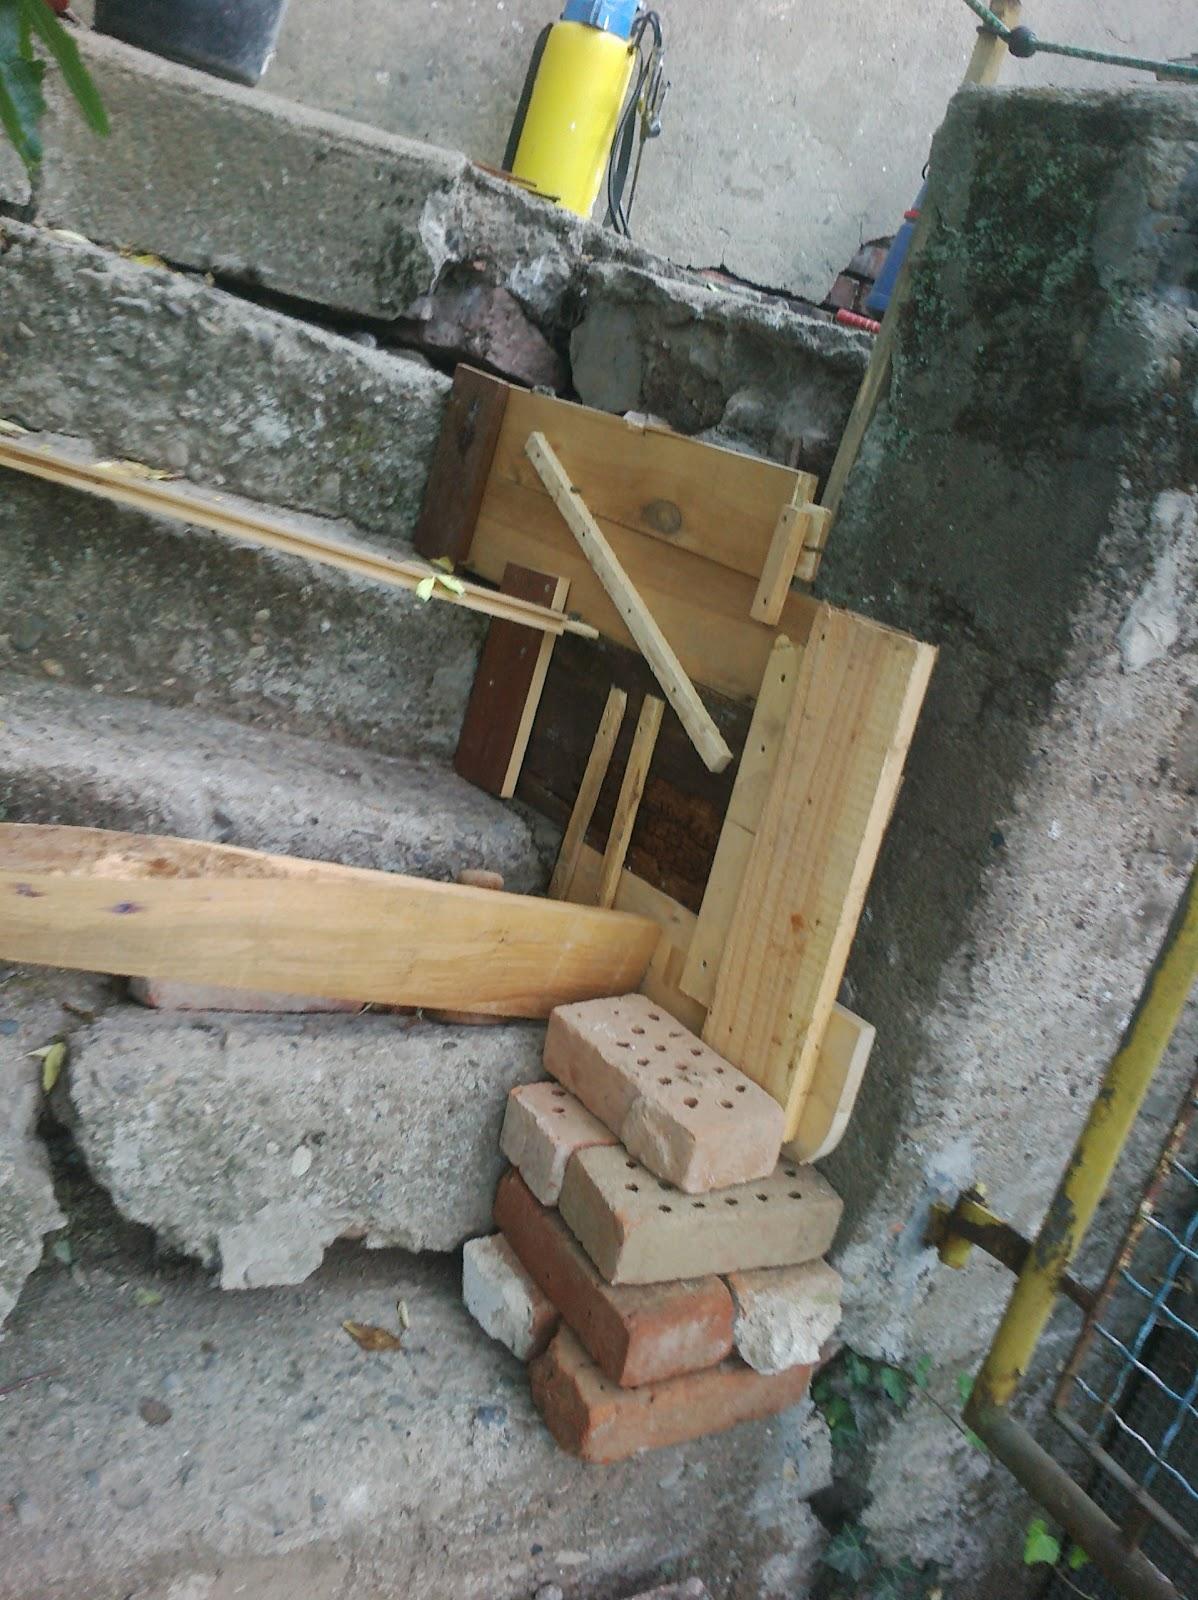 karl erwin und die frau ein haus wird gl cklich sanierung treppe au en spa mit beton teil 2. Black Bedroom Furniture Sets. Home Design Ideas